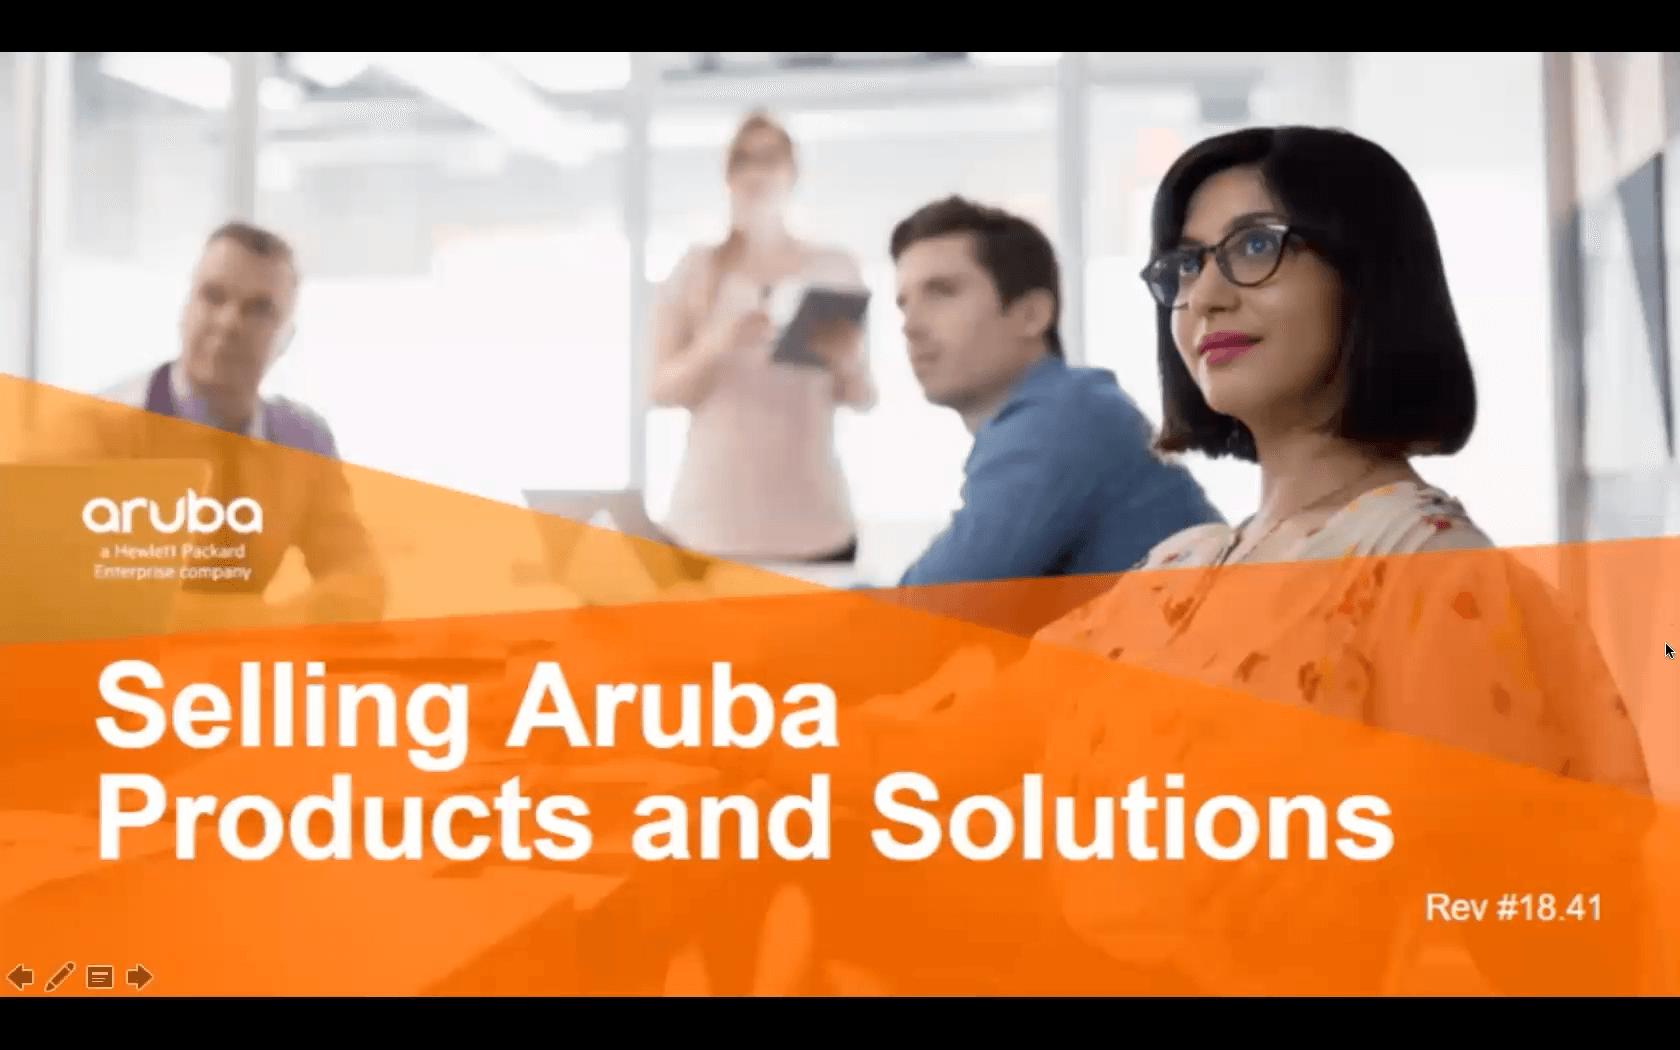 第1章-了解Aruba销售机会